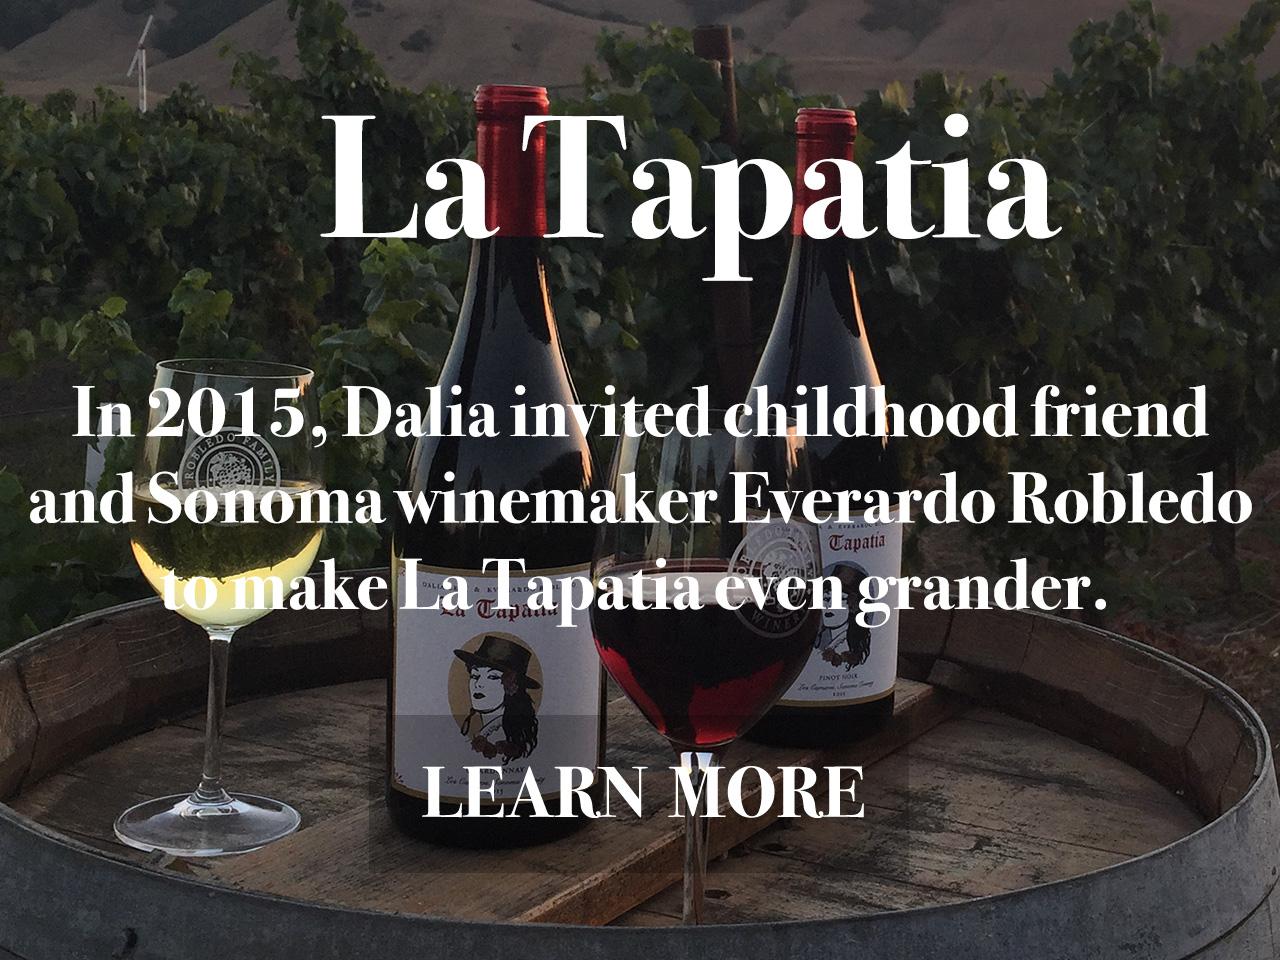 La Tapatia Wines